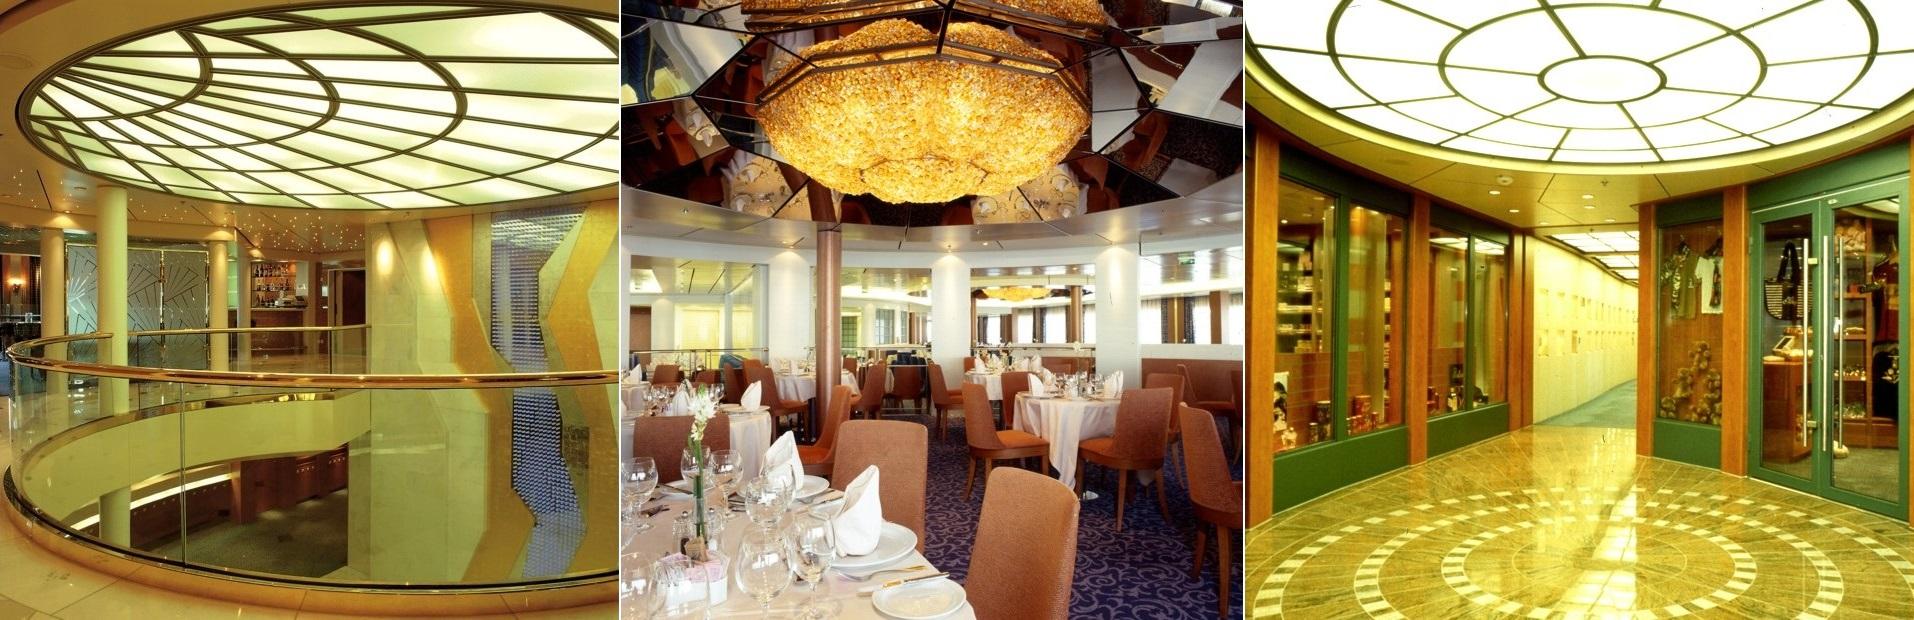 Olympic Voyager Innenansichten, Li. das obere Deck der Lobby, mi. der Hauptspeisesaal, re. die kleine, exklusive Shopping Mall